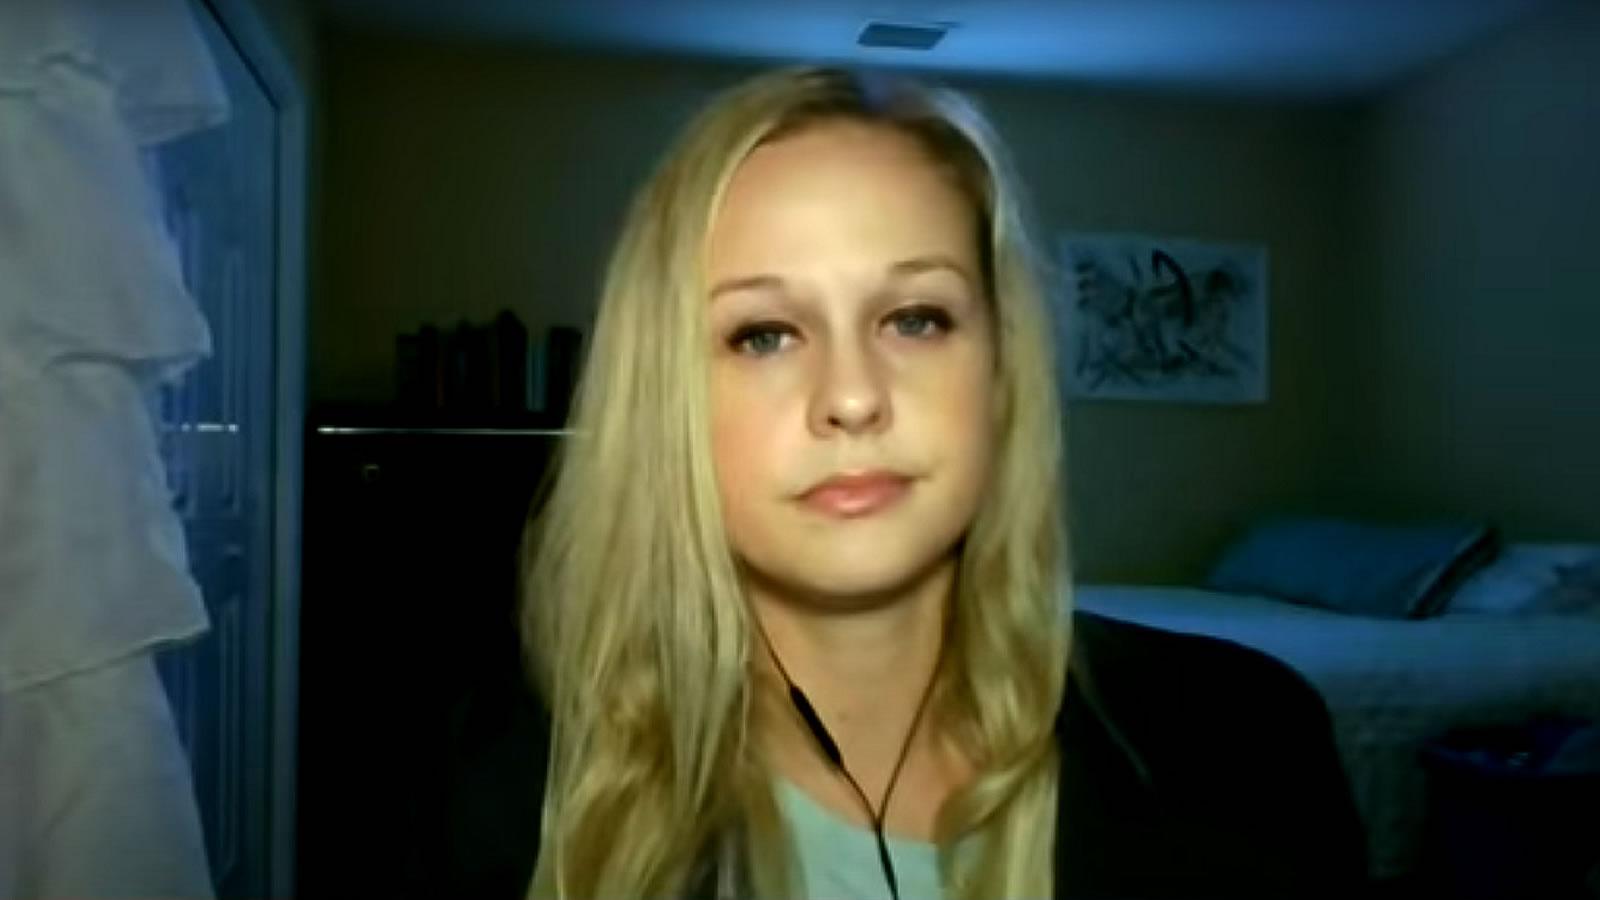 CCP Spokeswoman Parrots Debunked Rebekah Jones Conspiracy Theory